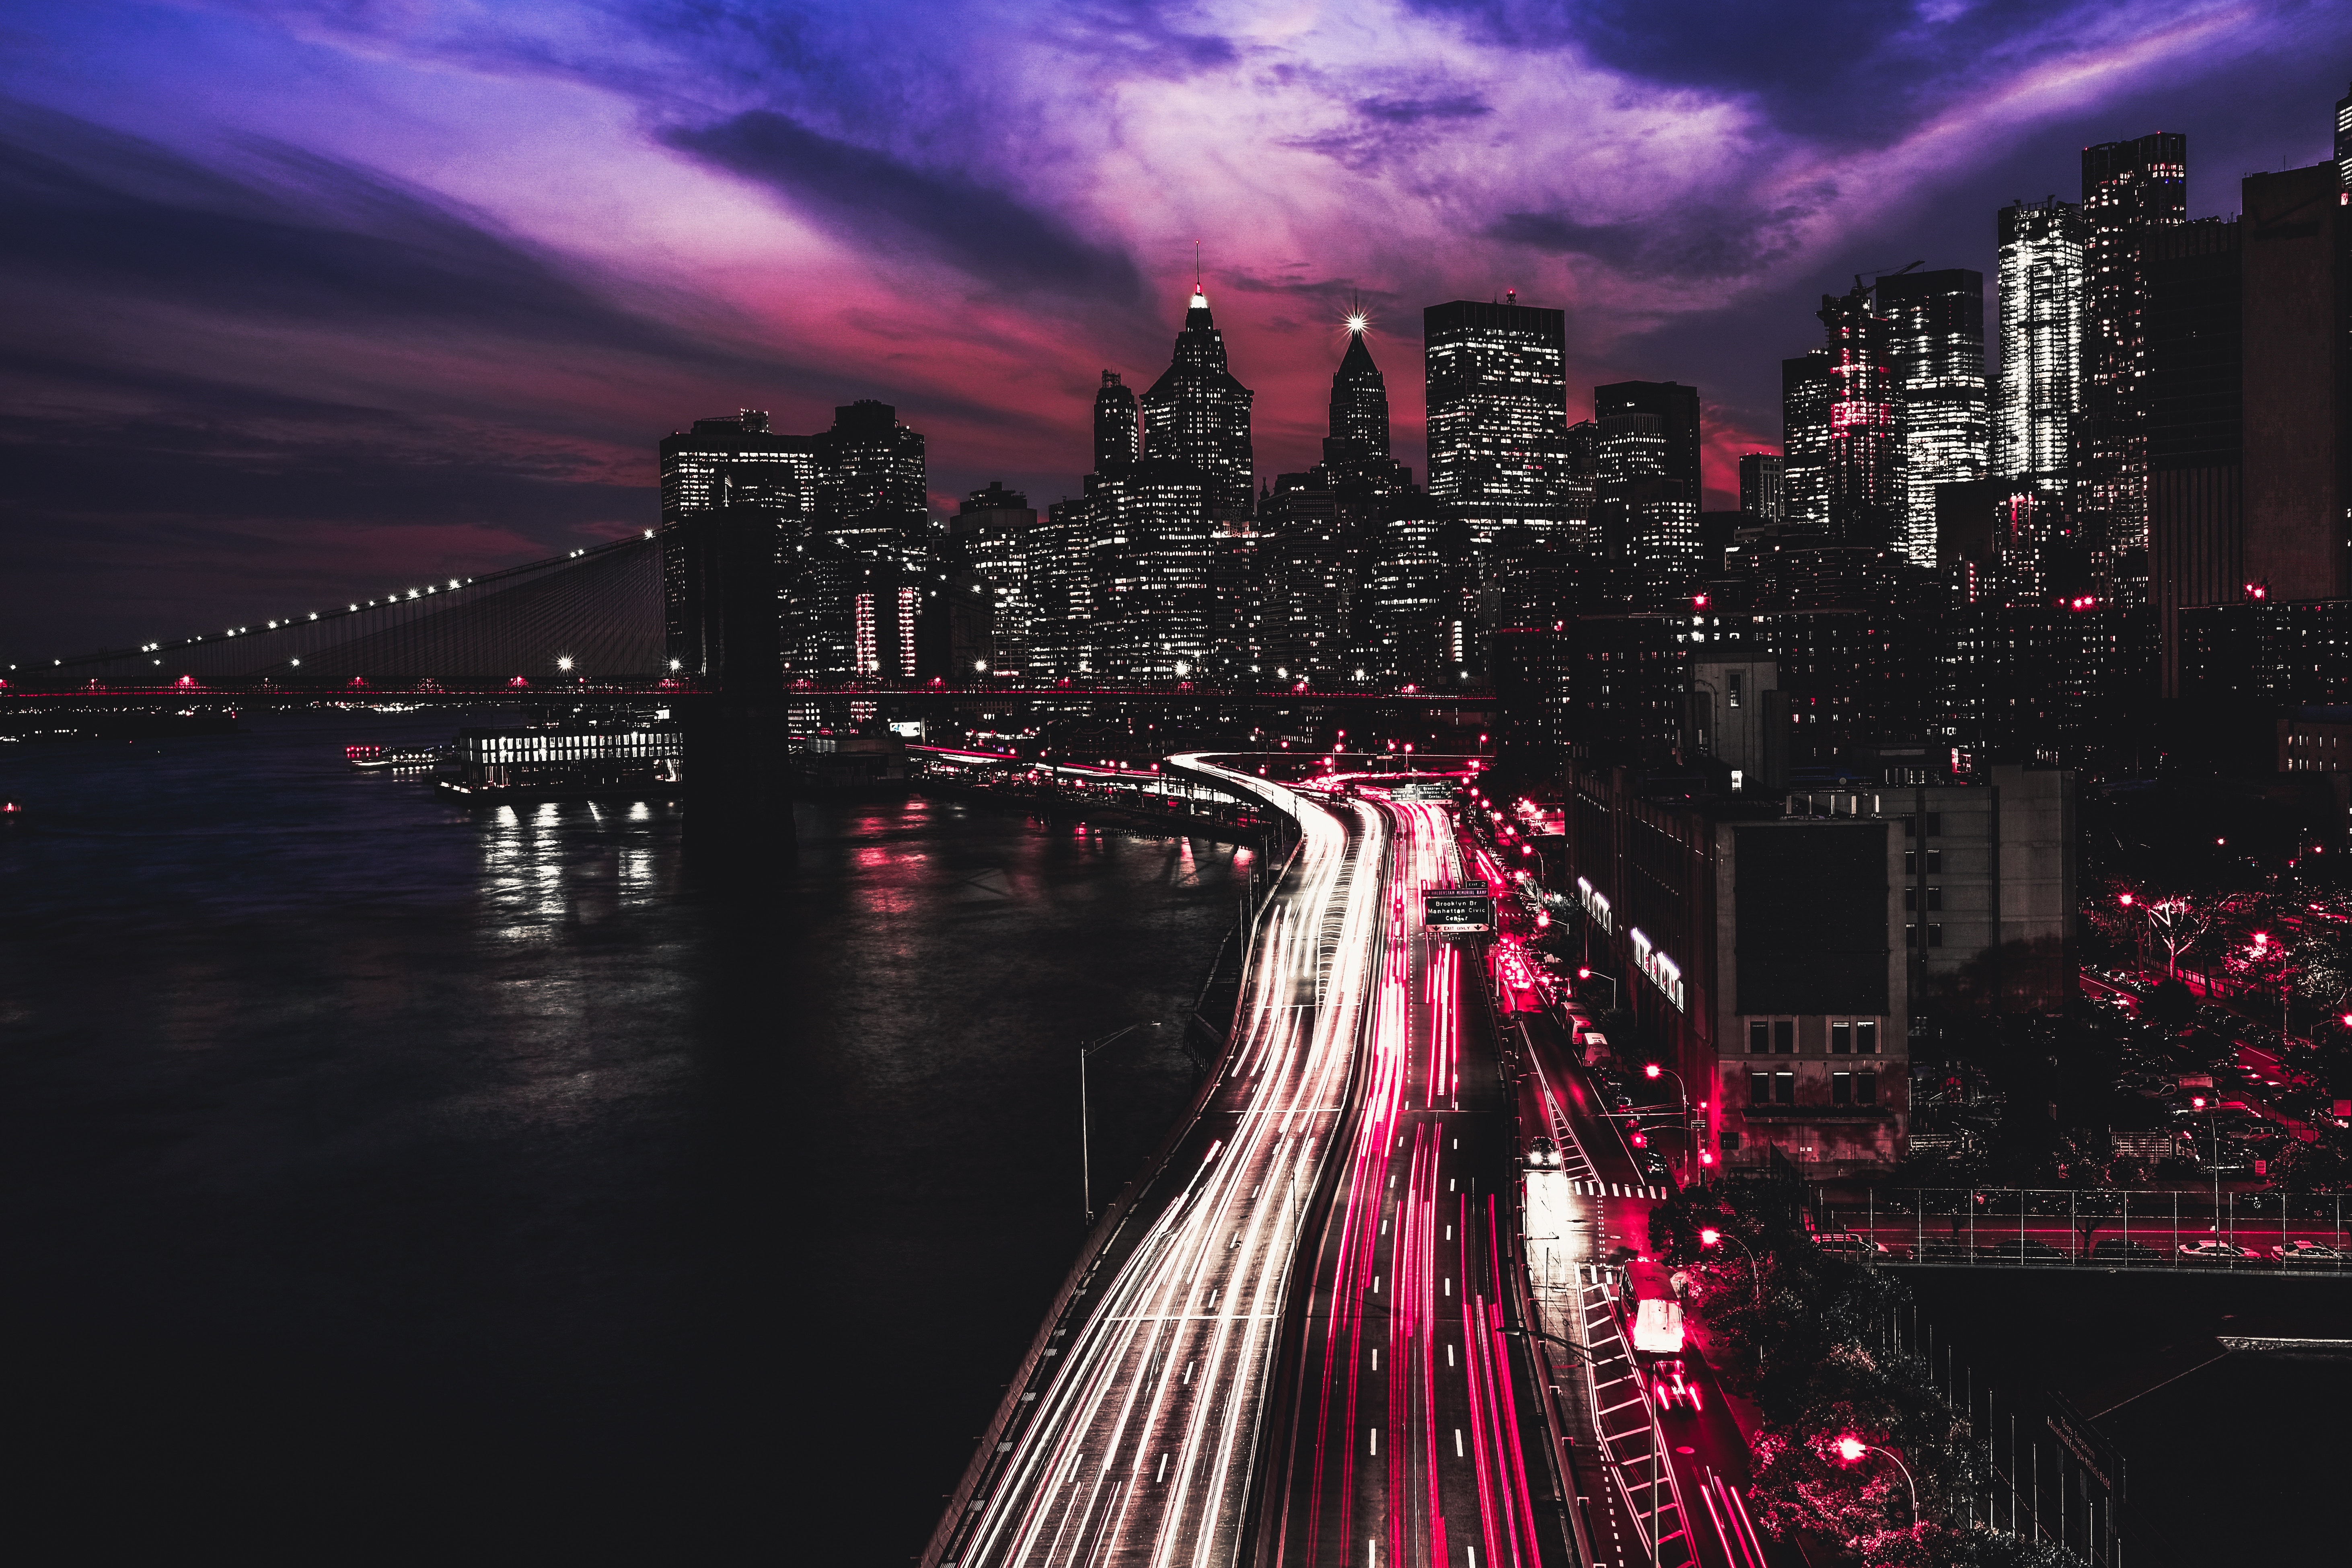 фото очень высокого разрешения город черно красный много примеров